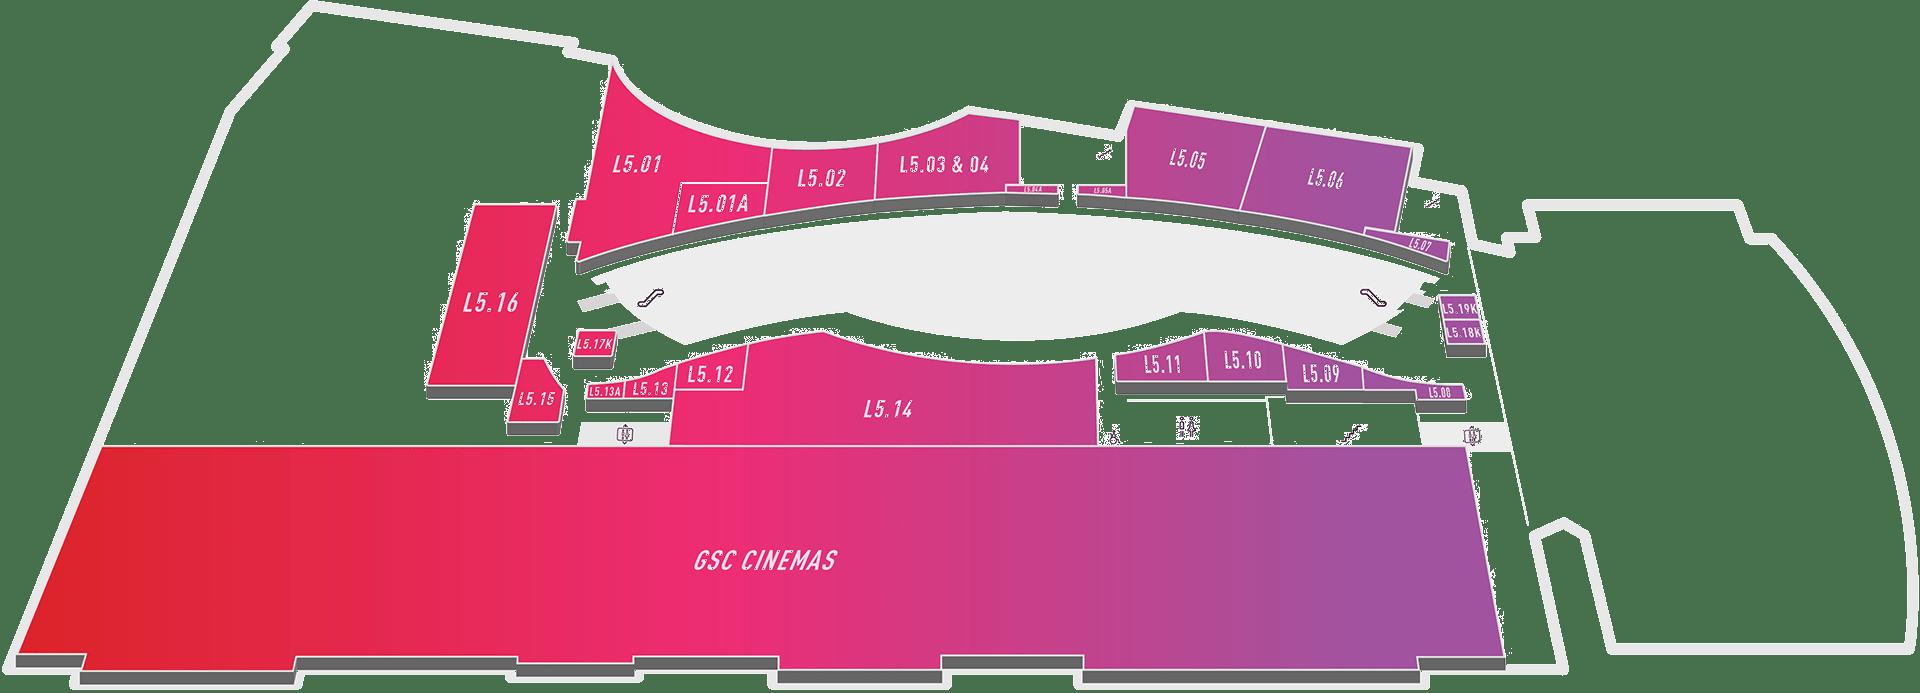 Level-5-floor-NU-sentral